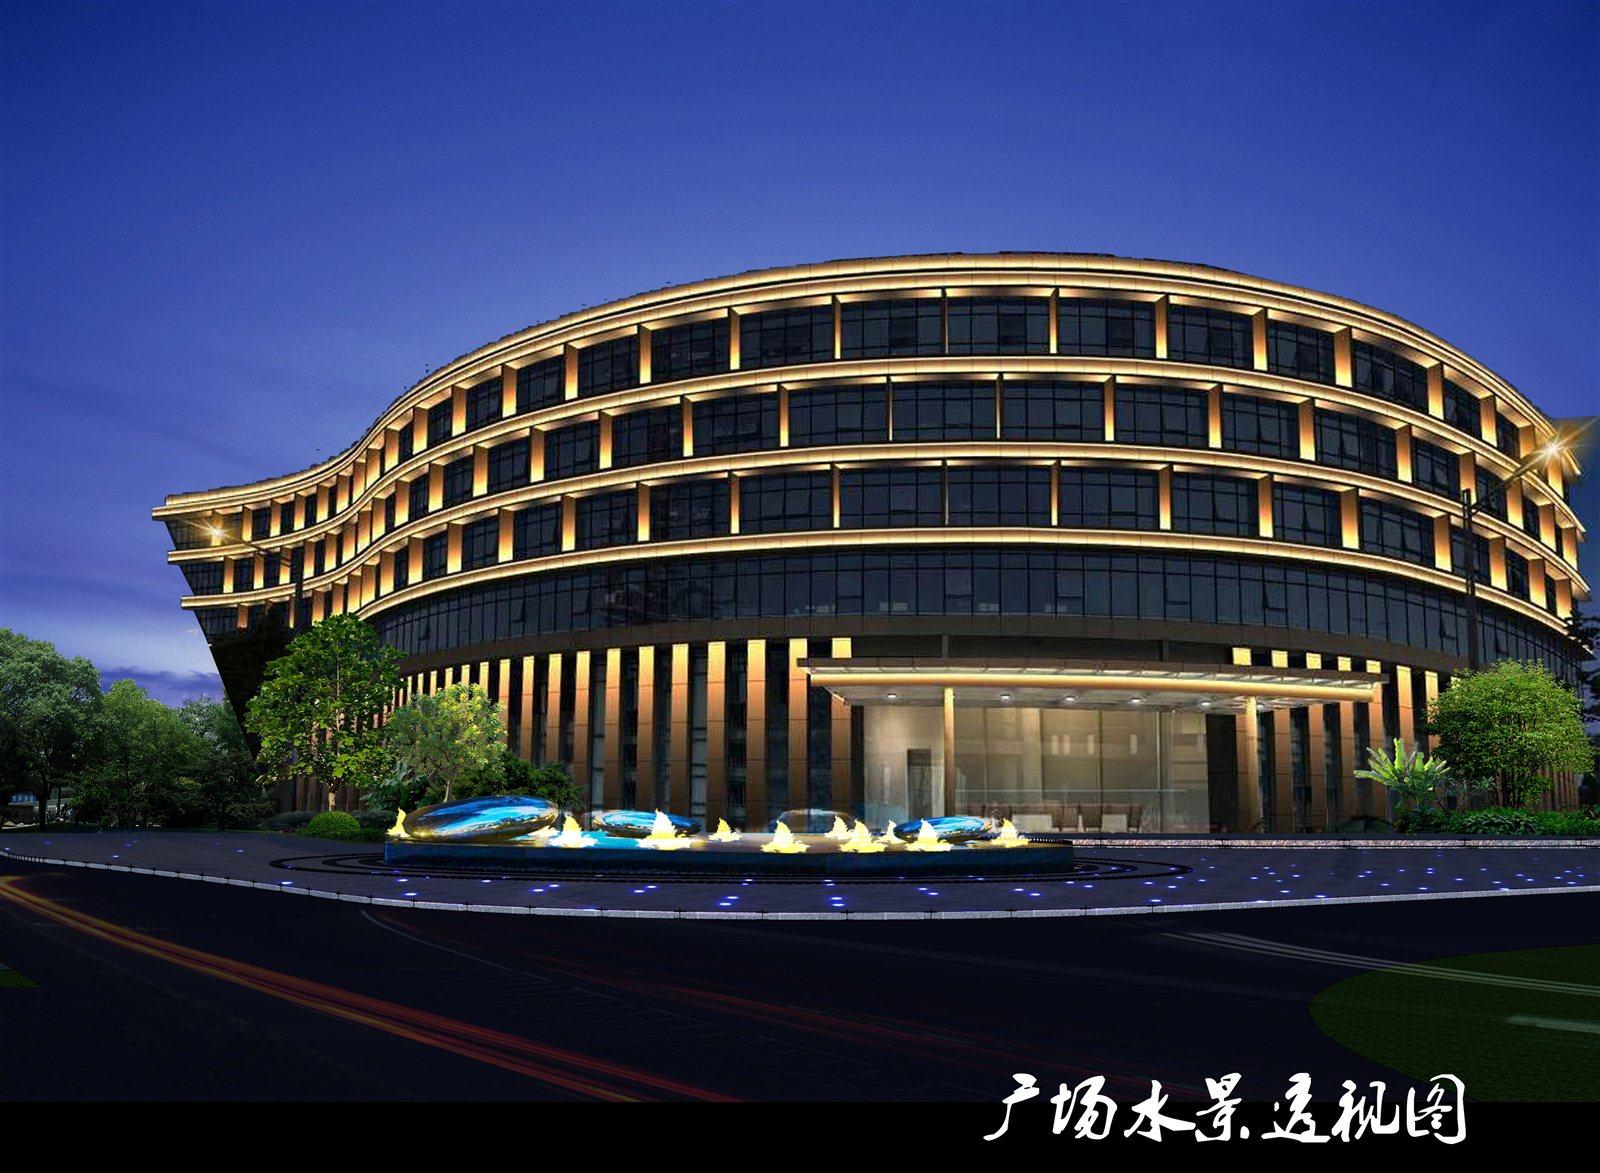 公司地址:安徽省六安市金寨县江店梅山湖